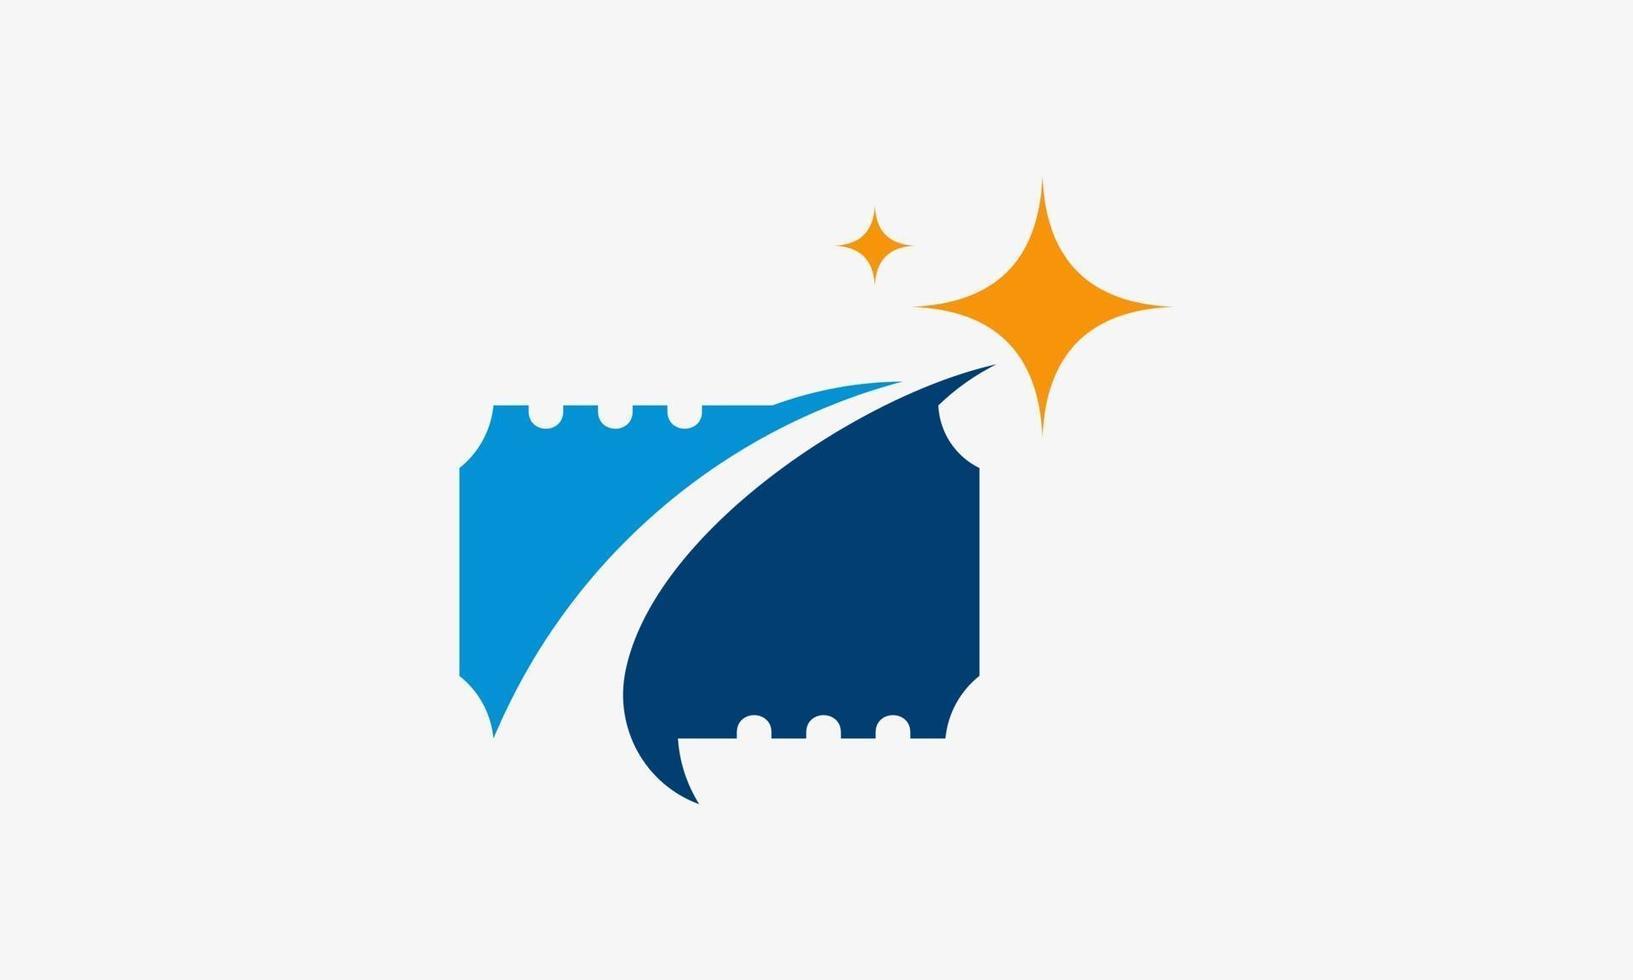 vip star biglietto icona design vettore